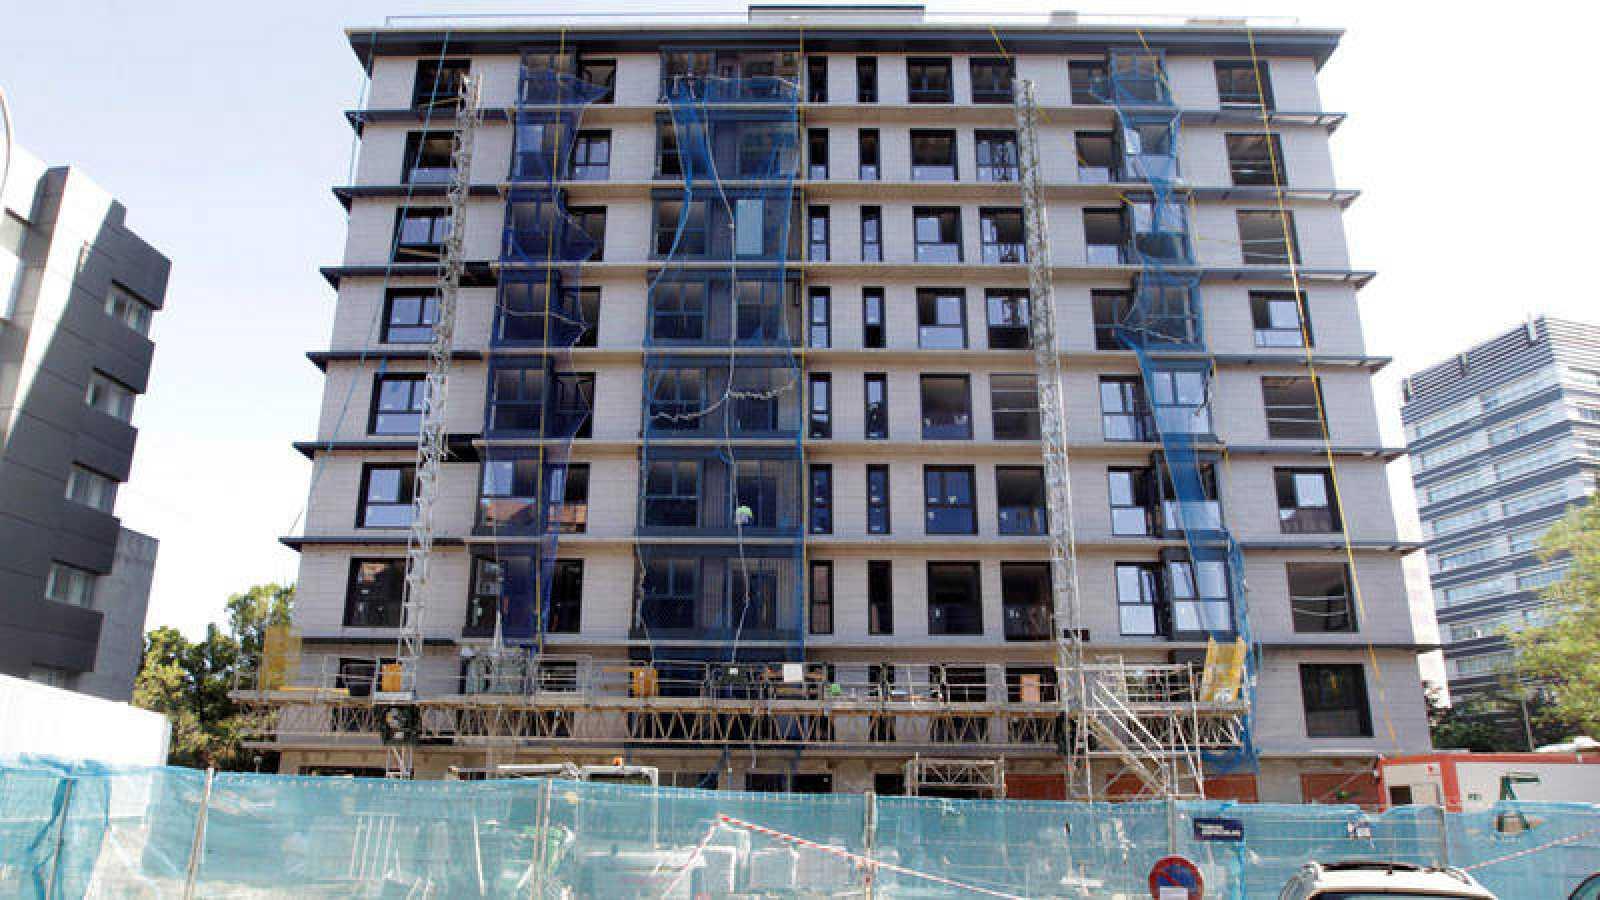 Bloque de viviendas en construcción